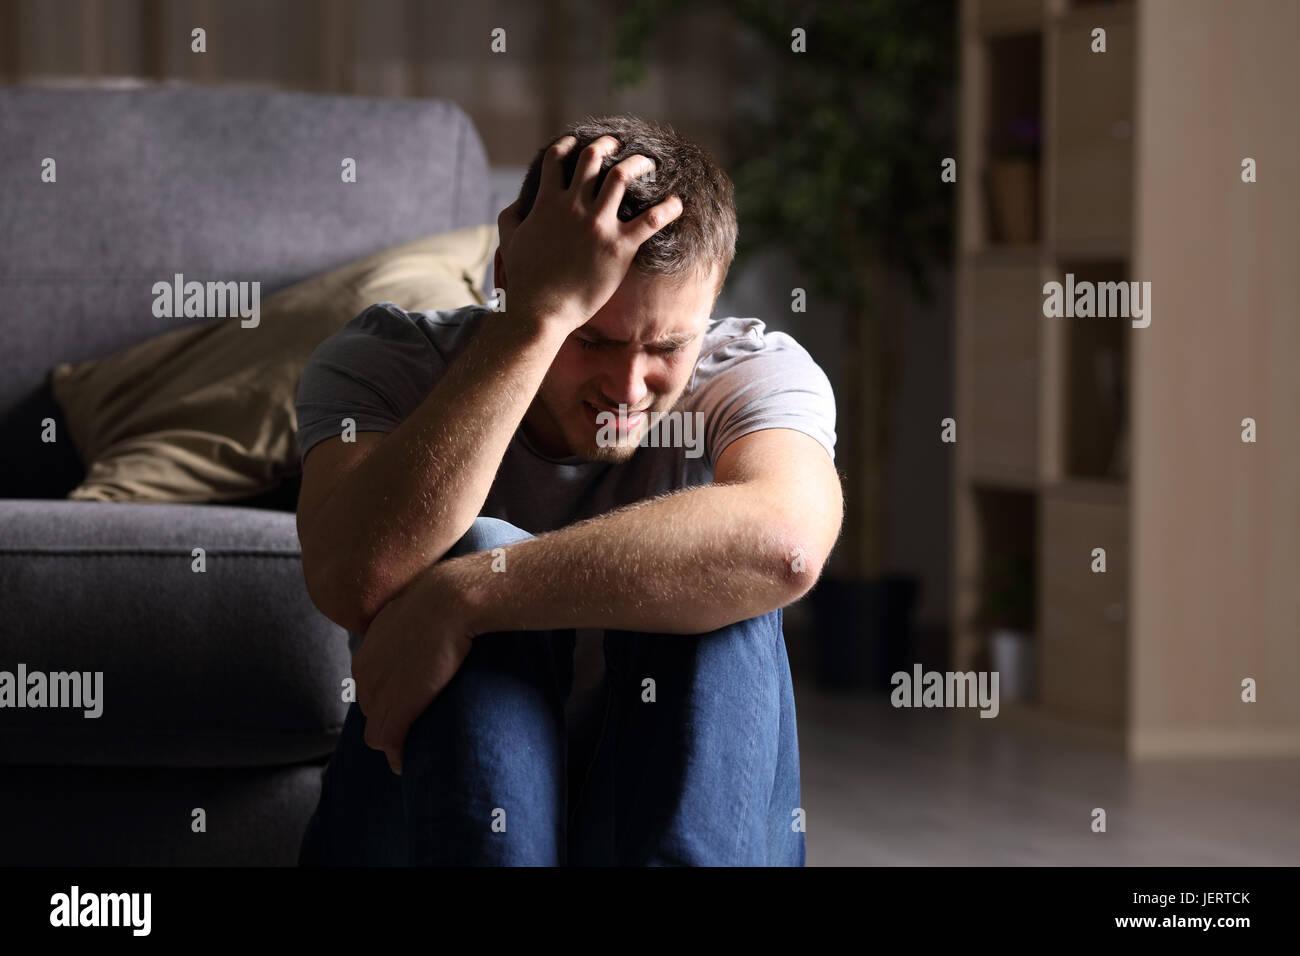 Trauriger Mann beklagt, sitzen auf dem Boden im Wohnzimmer in einem Haus mit einem dunklen Hintergrund indoor Stockbild